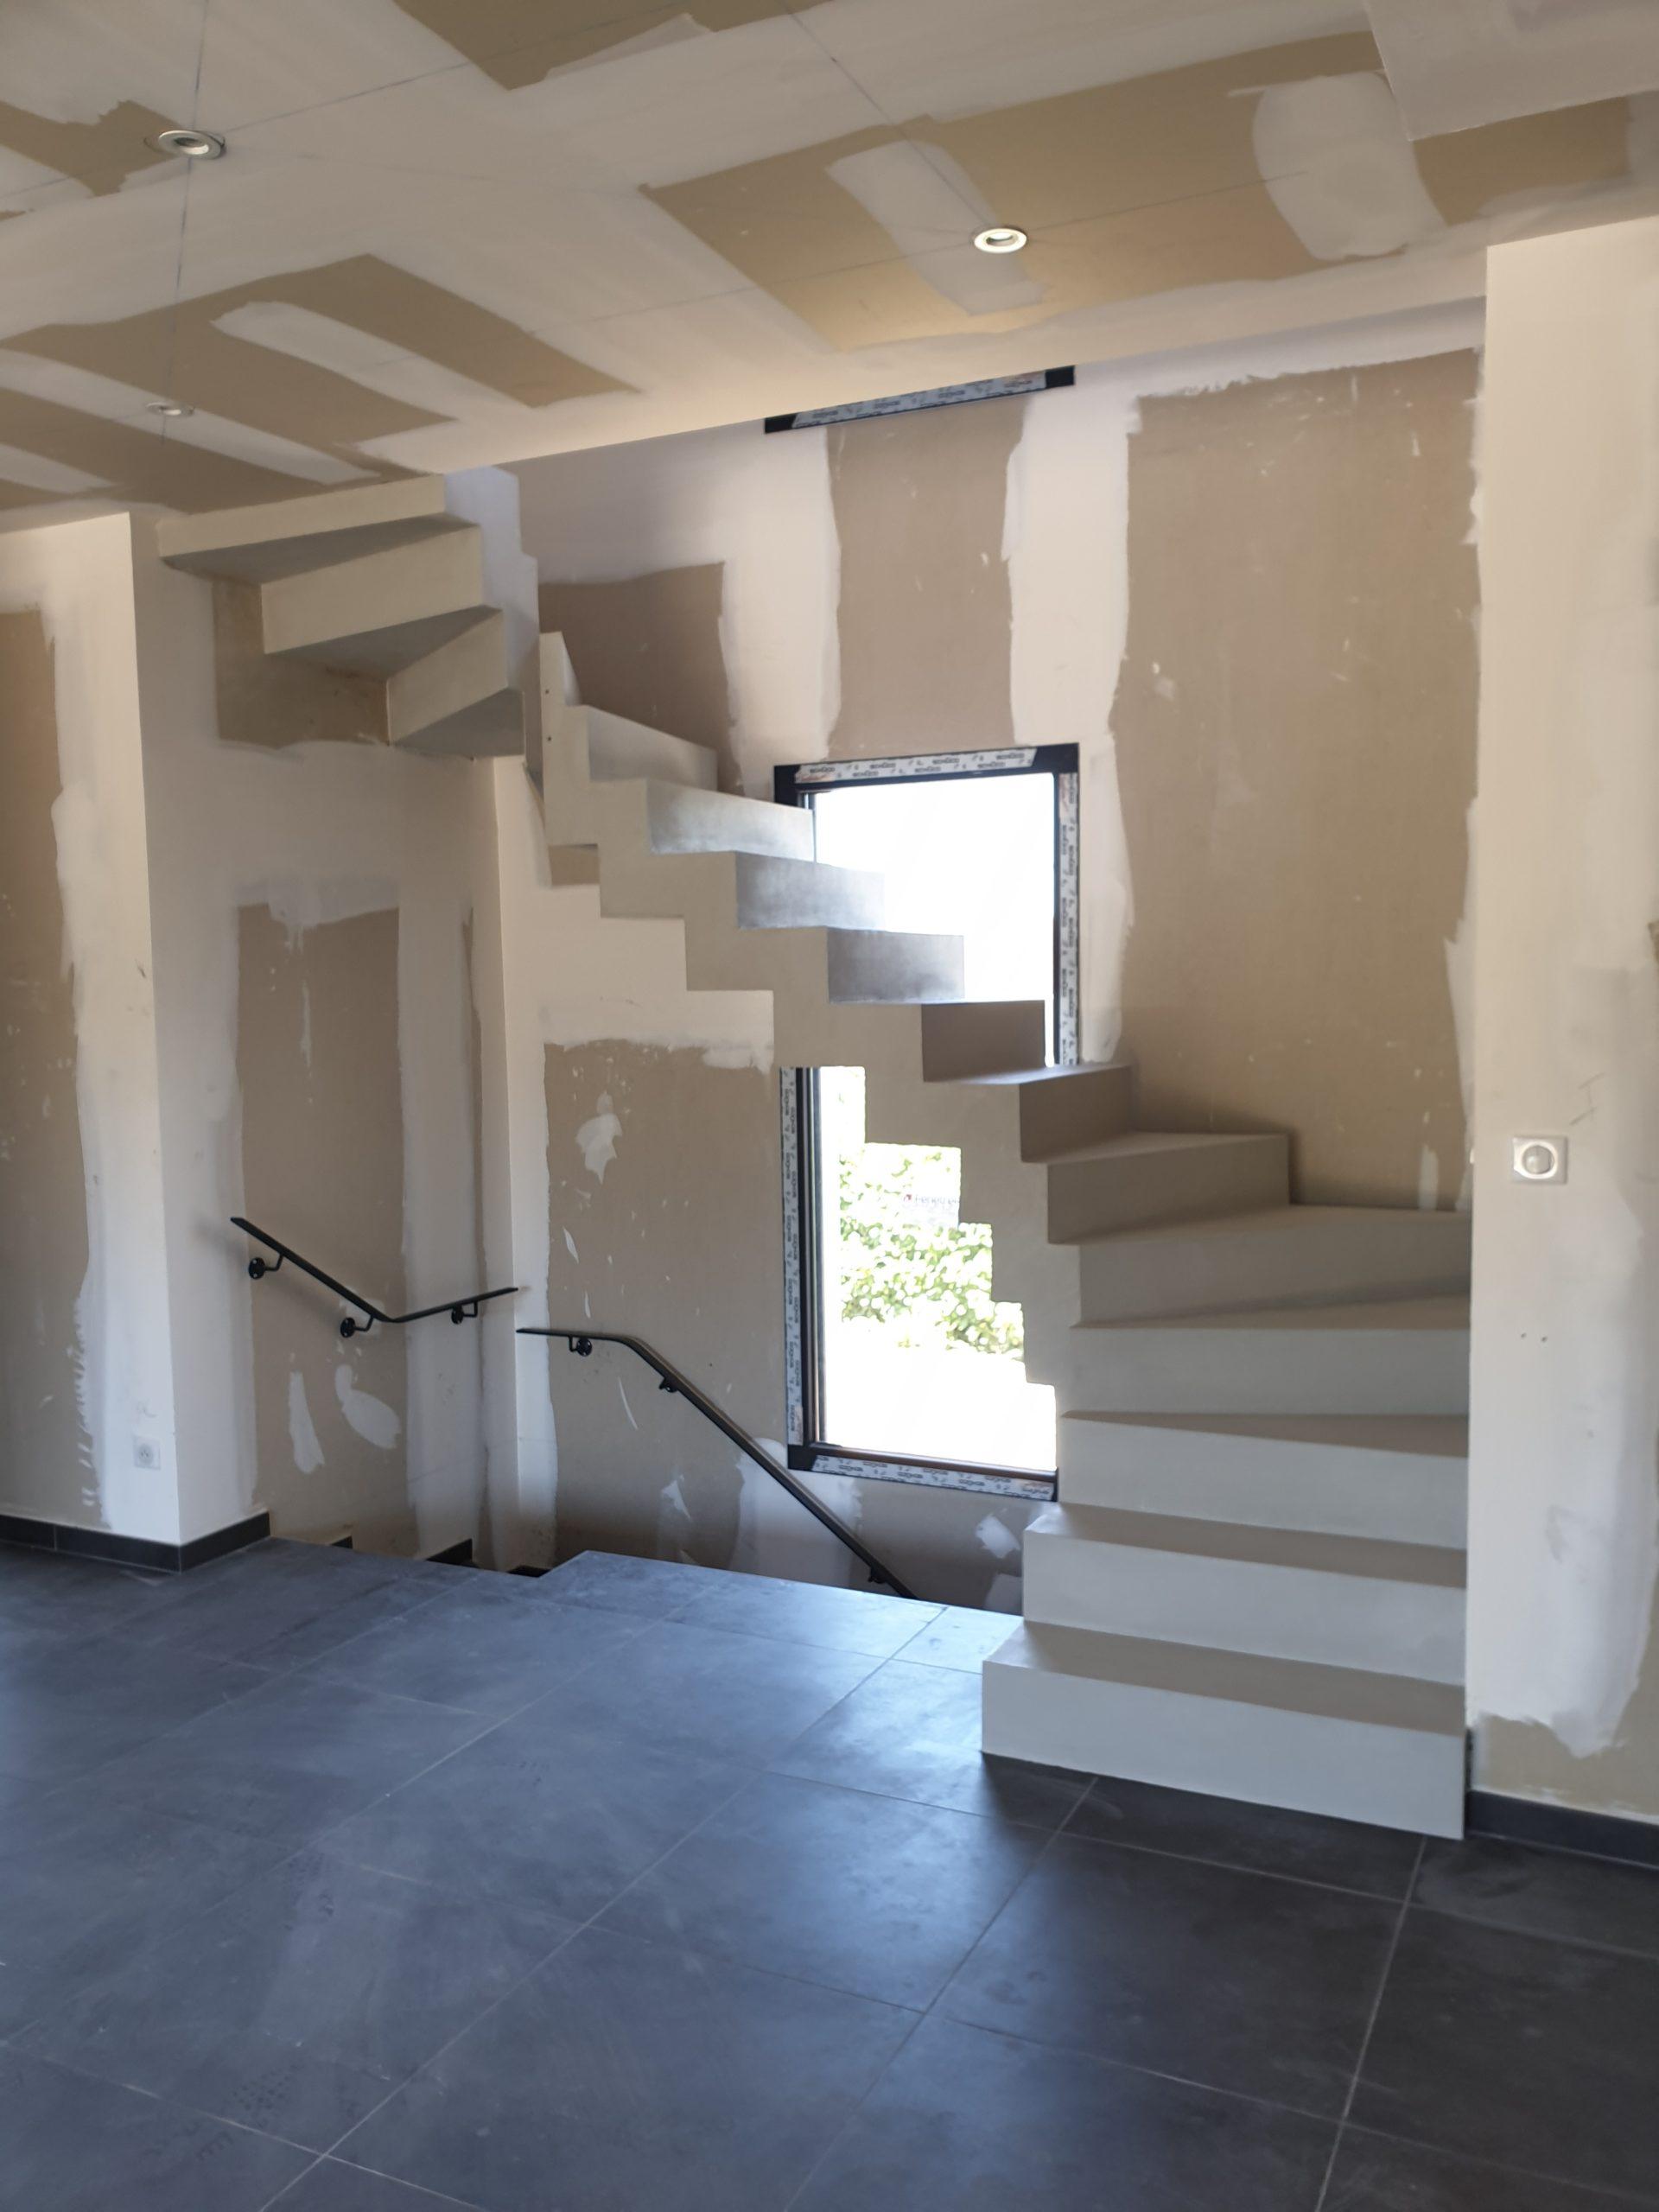 L'escalier béton traverse une baie vitrée en plein milieu